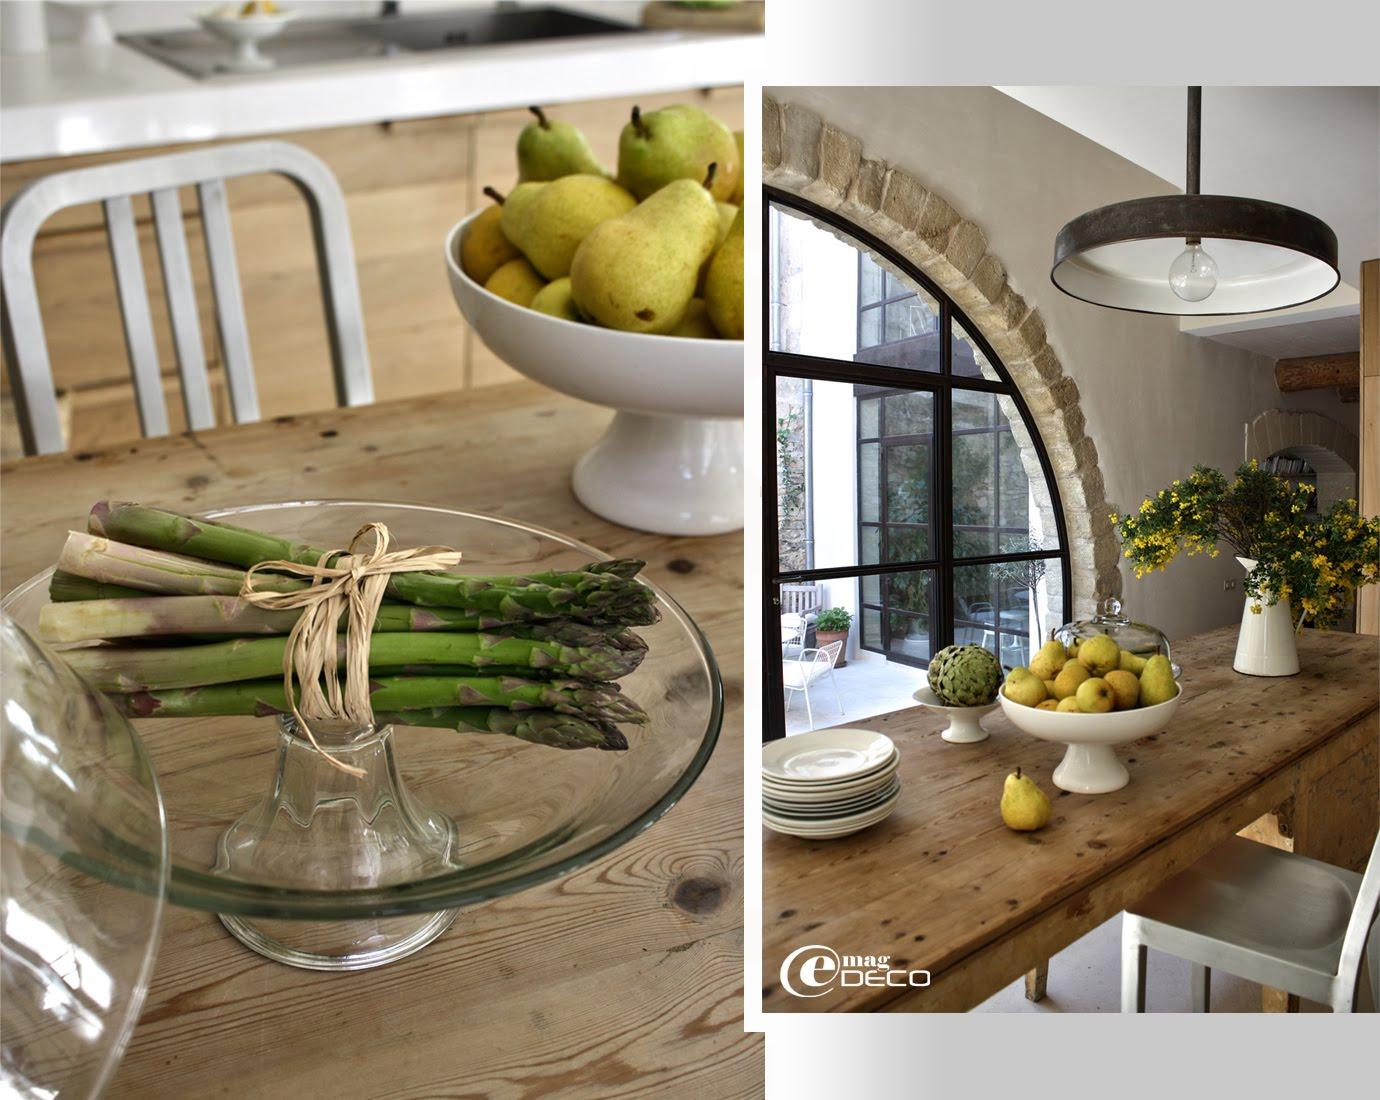 Une cuisine moderne dans un bâtiment ancien réhabilité par l'architecte d'intérieur Marie-Laure Helmkampf